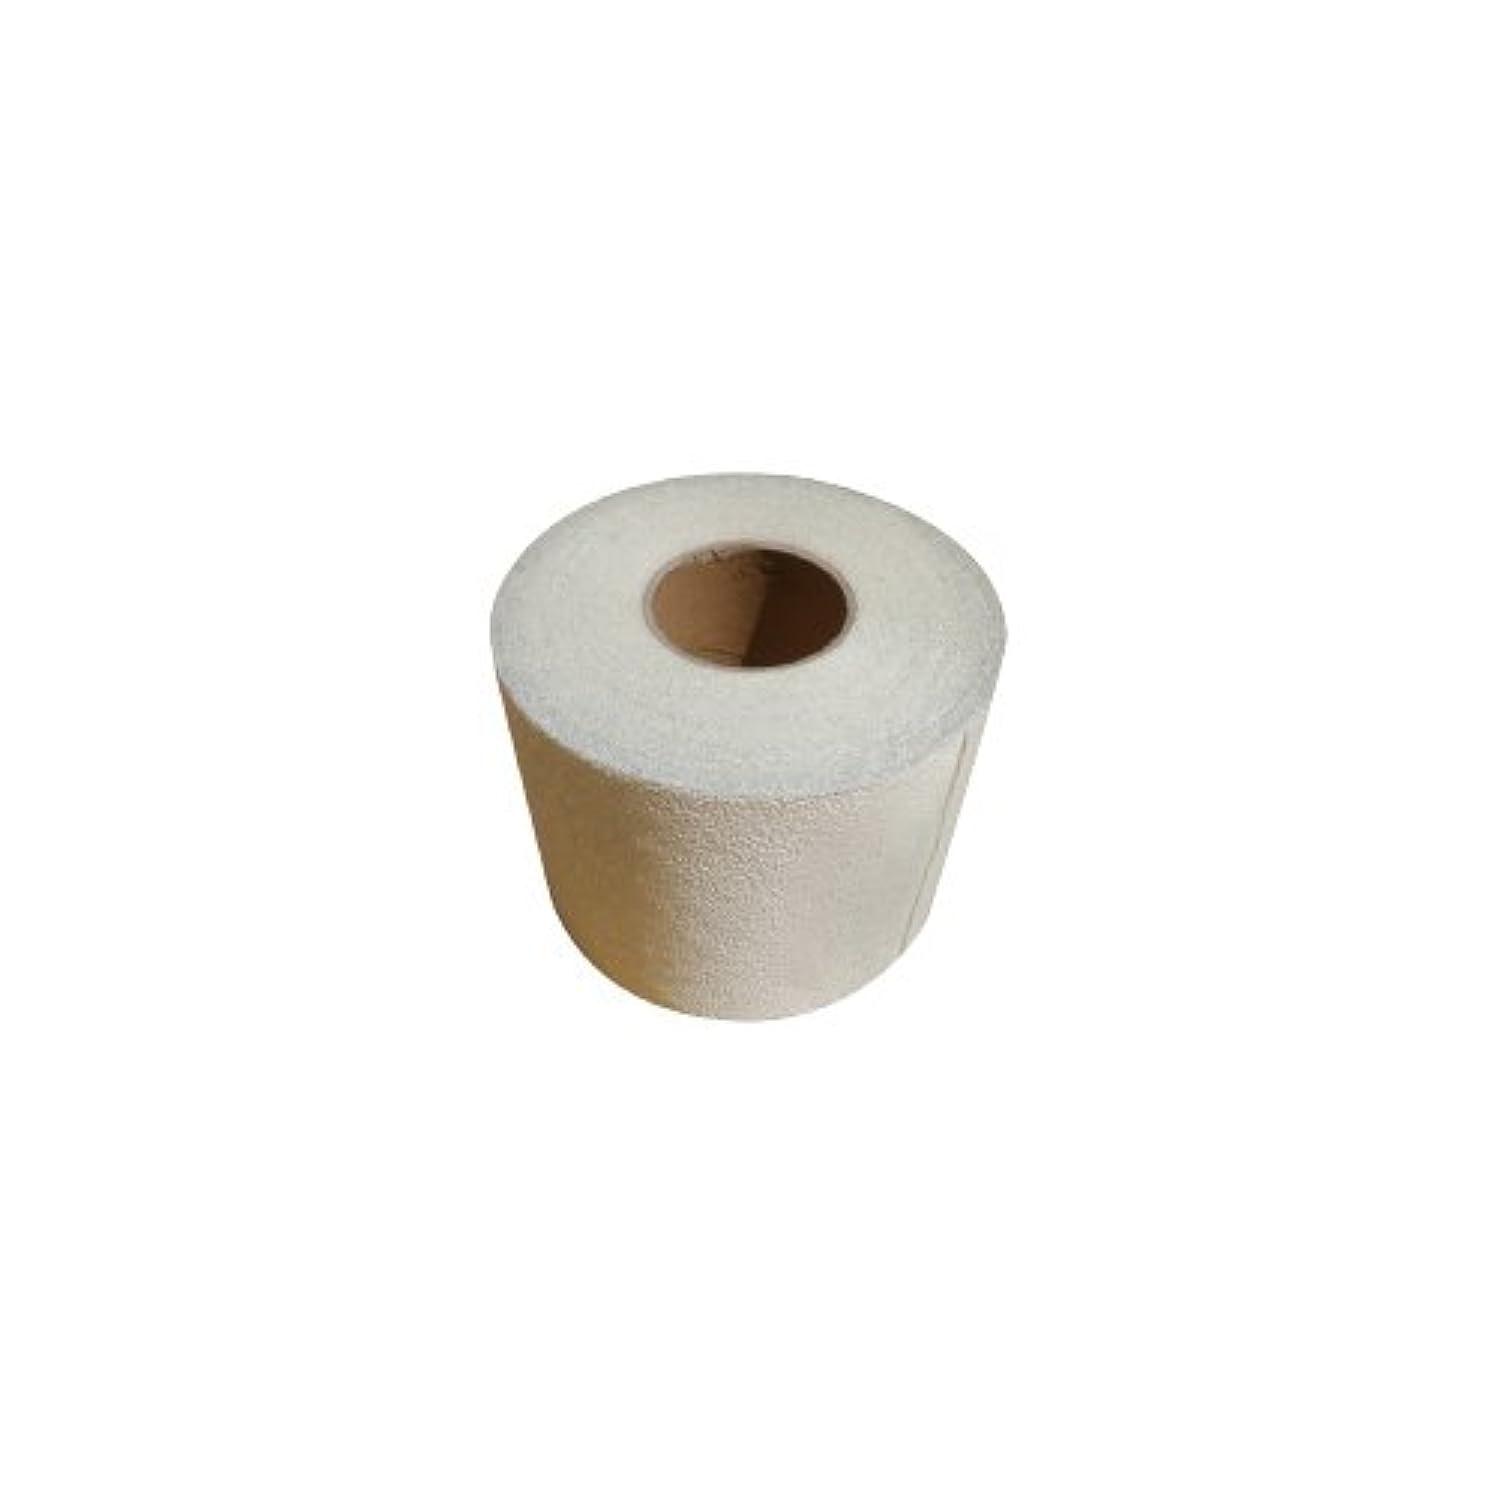 ボス受付見捨てるカットライン 仮ラインテープ 2巻 離型紙なし 150w×45m 白 アラオ